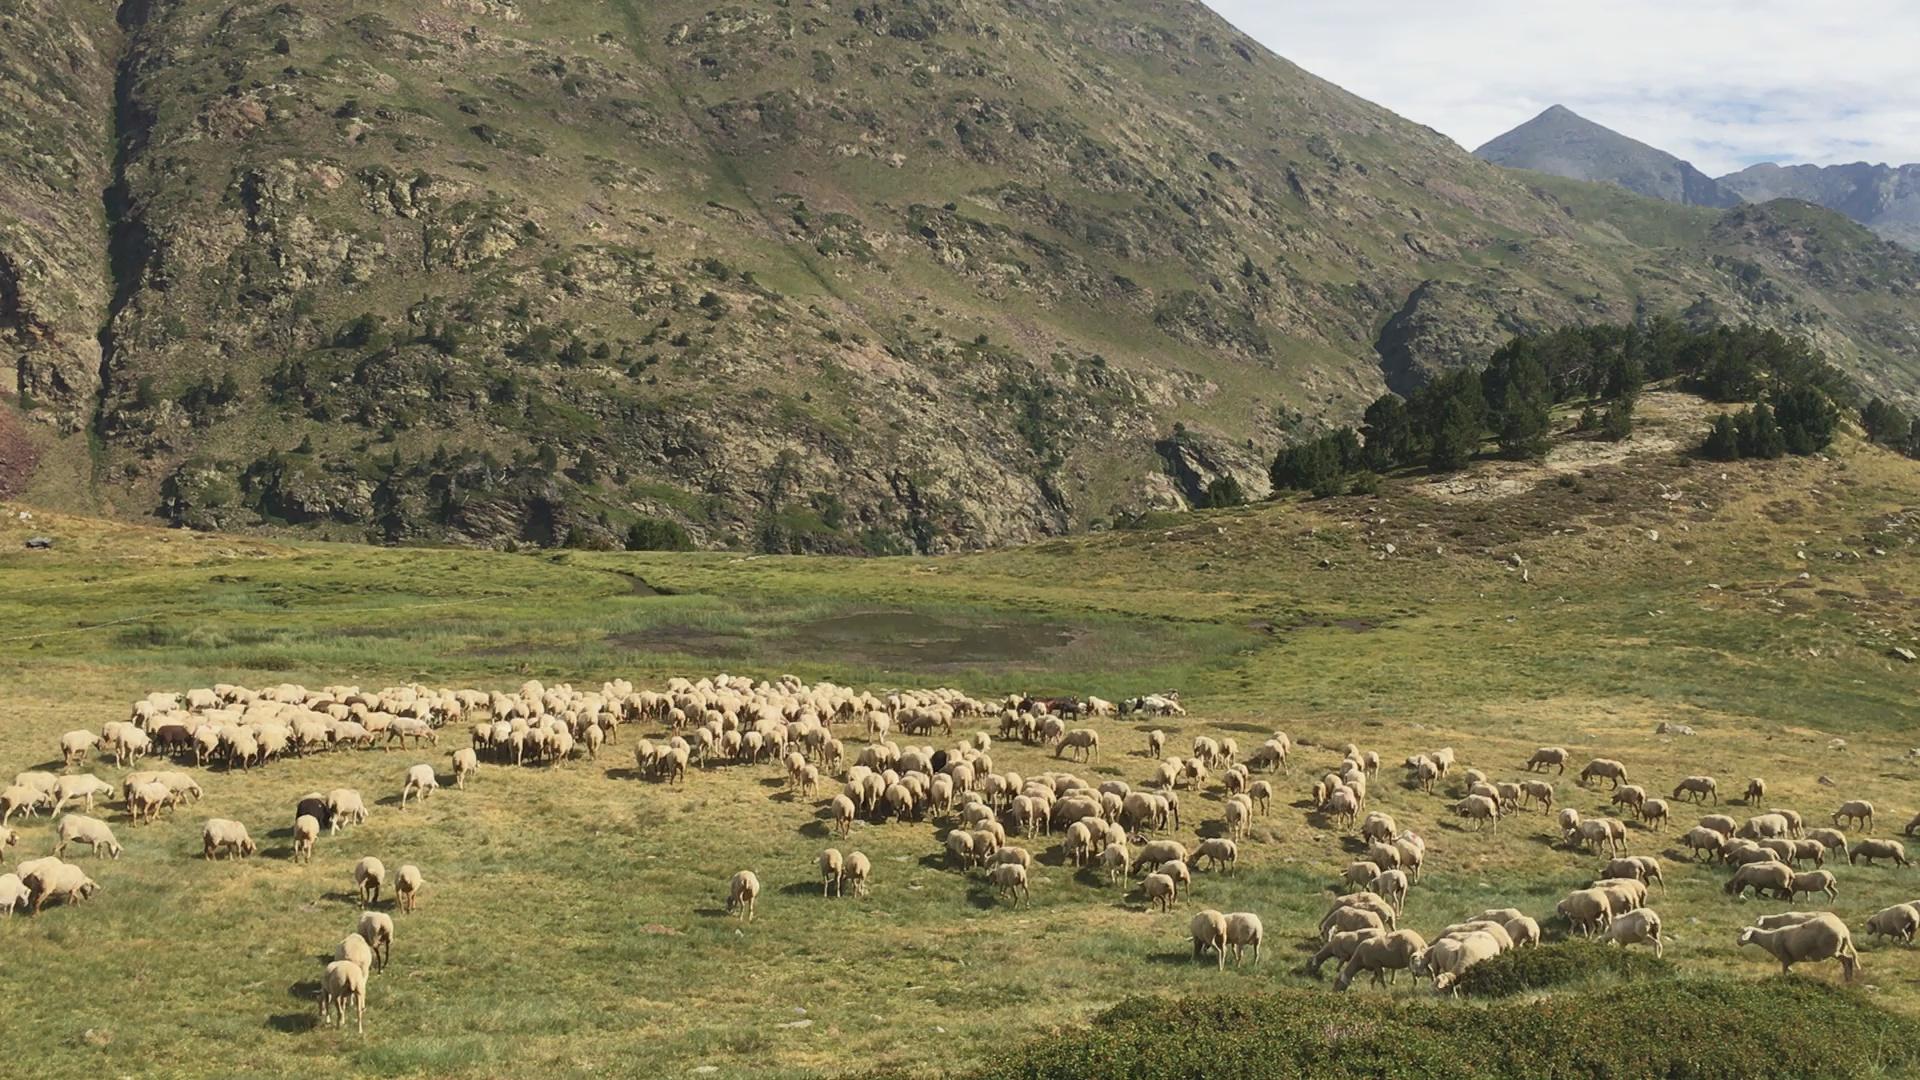 Memòries d'arxiu - Enora: els pastors